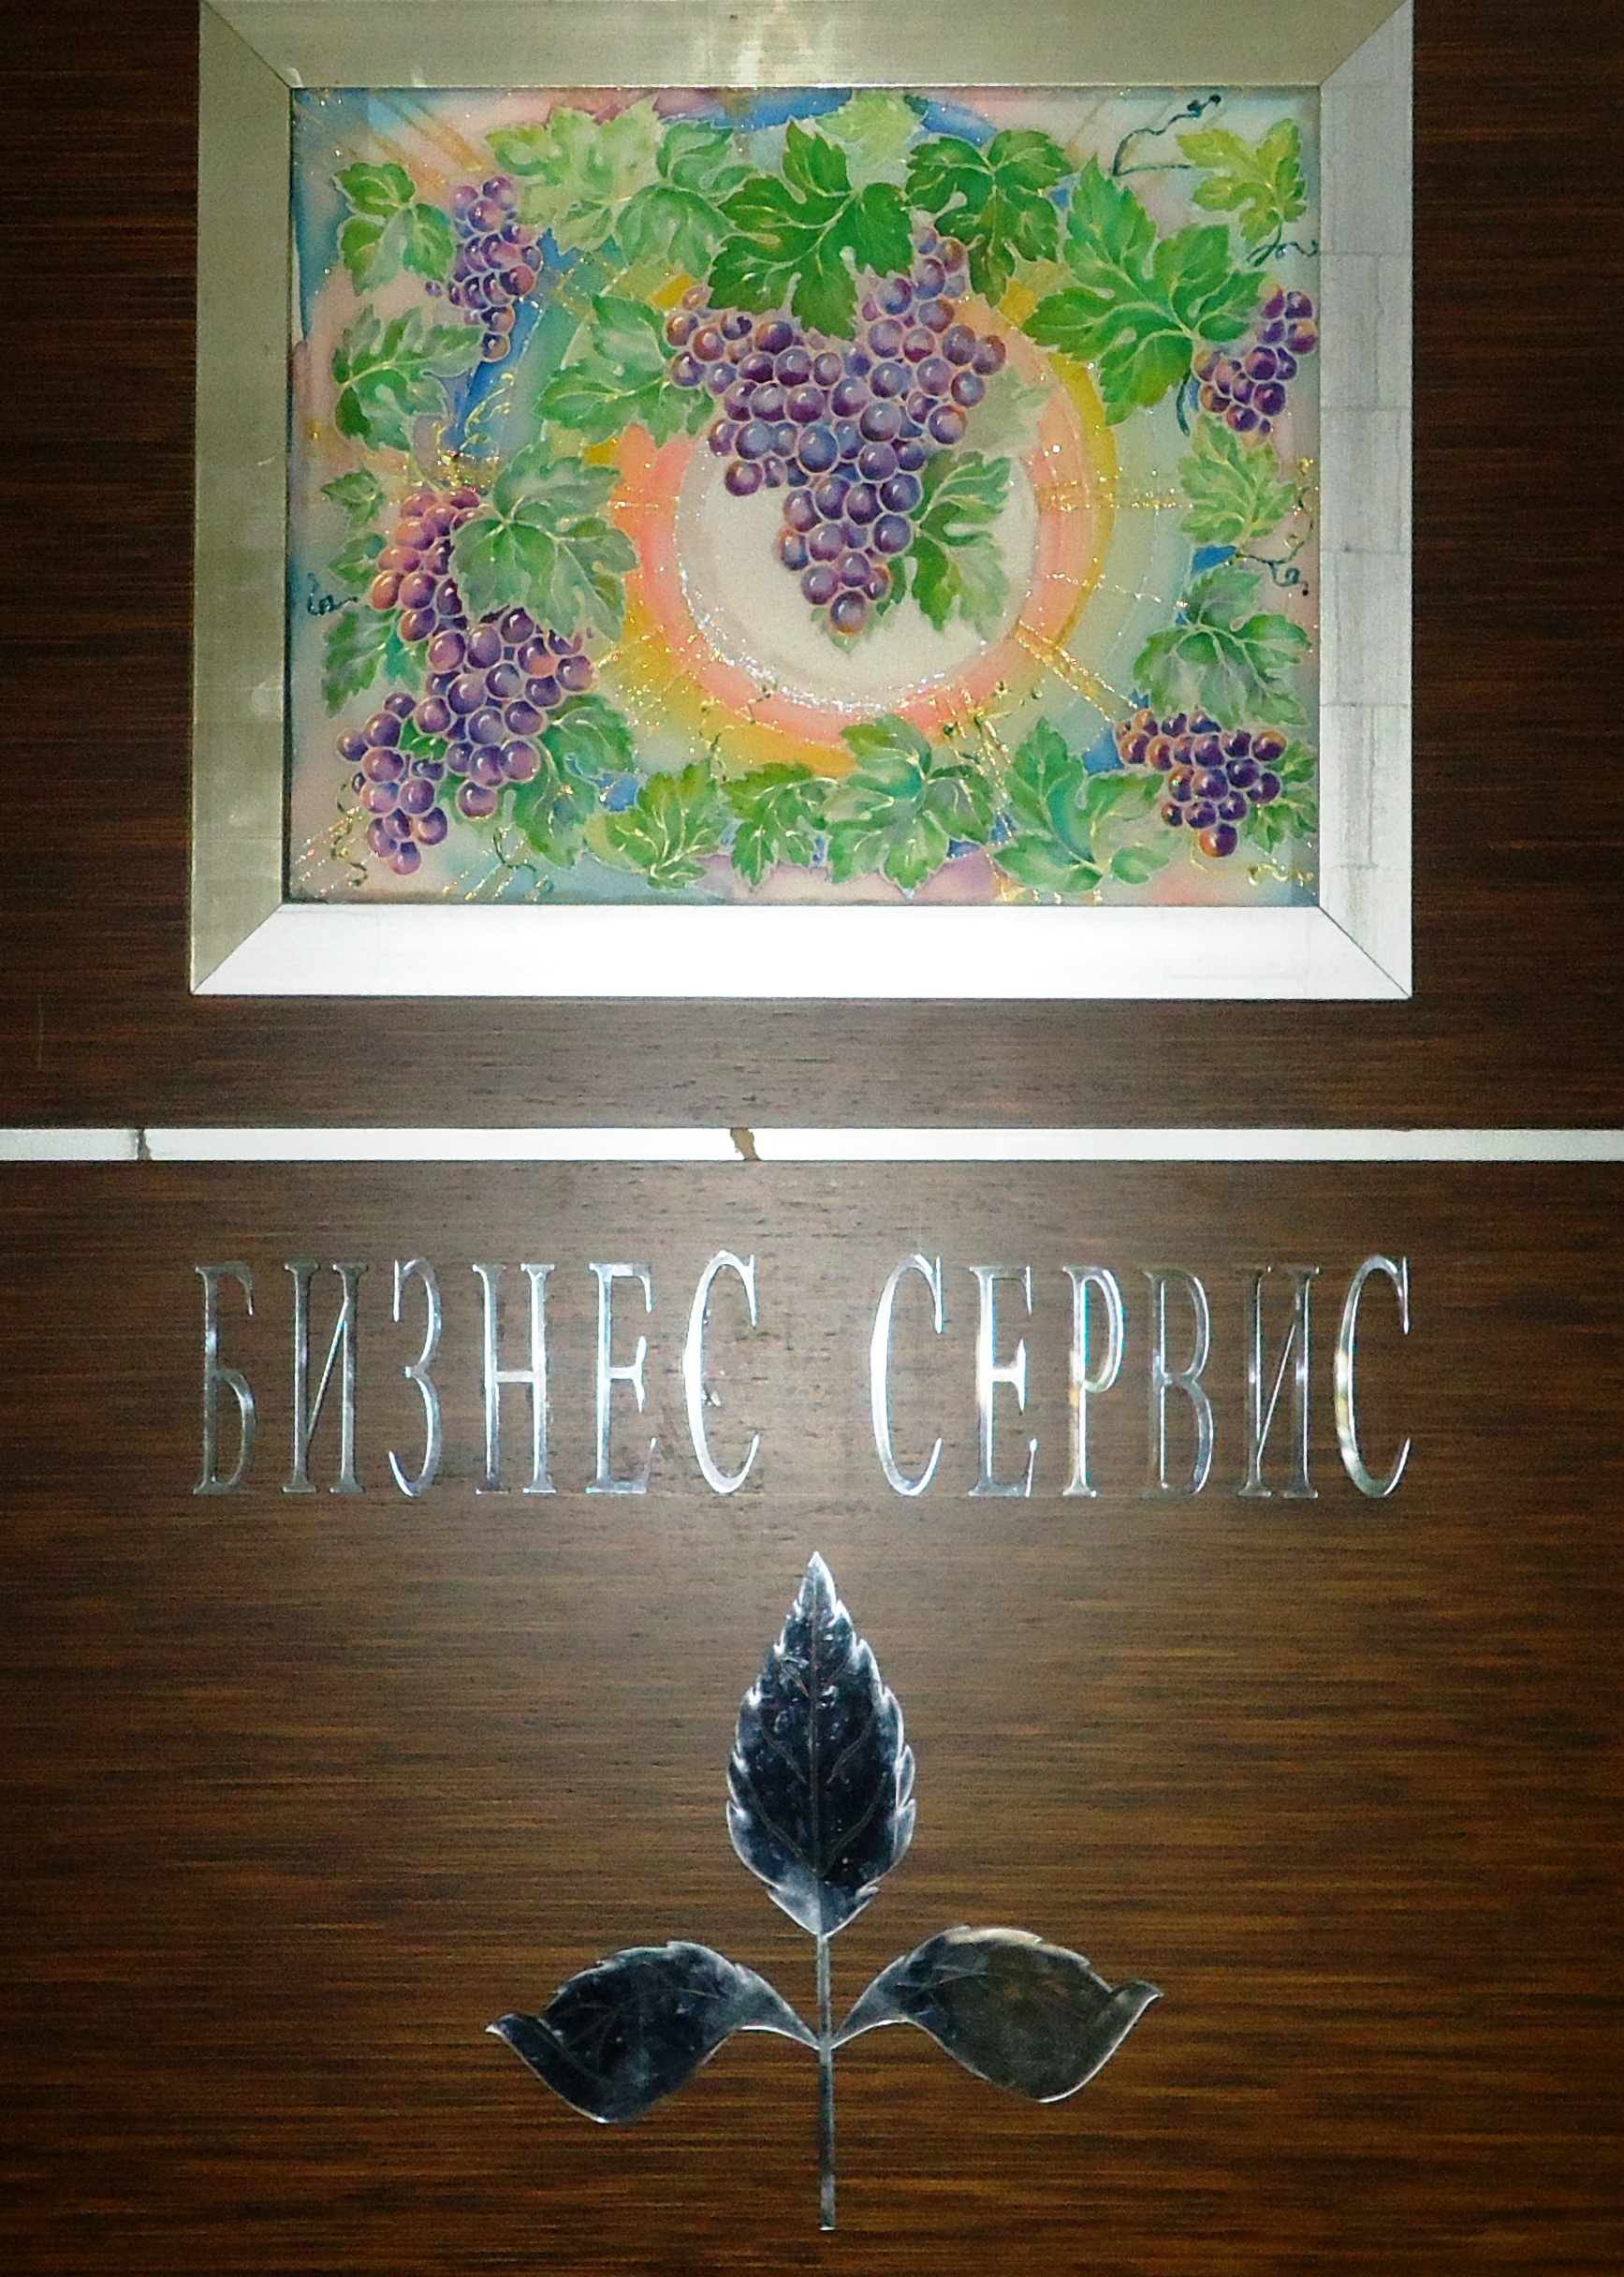 Компания БИЗНЕС СЕРВИС